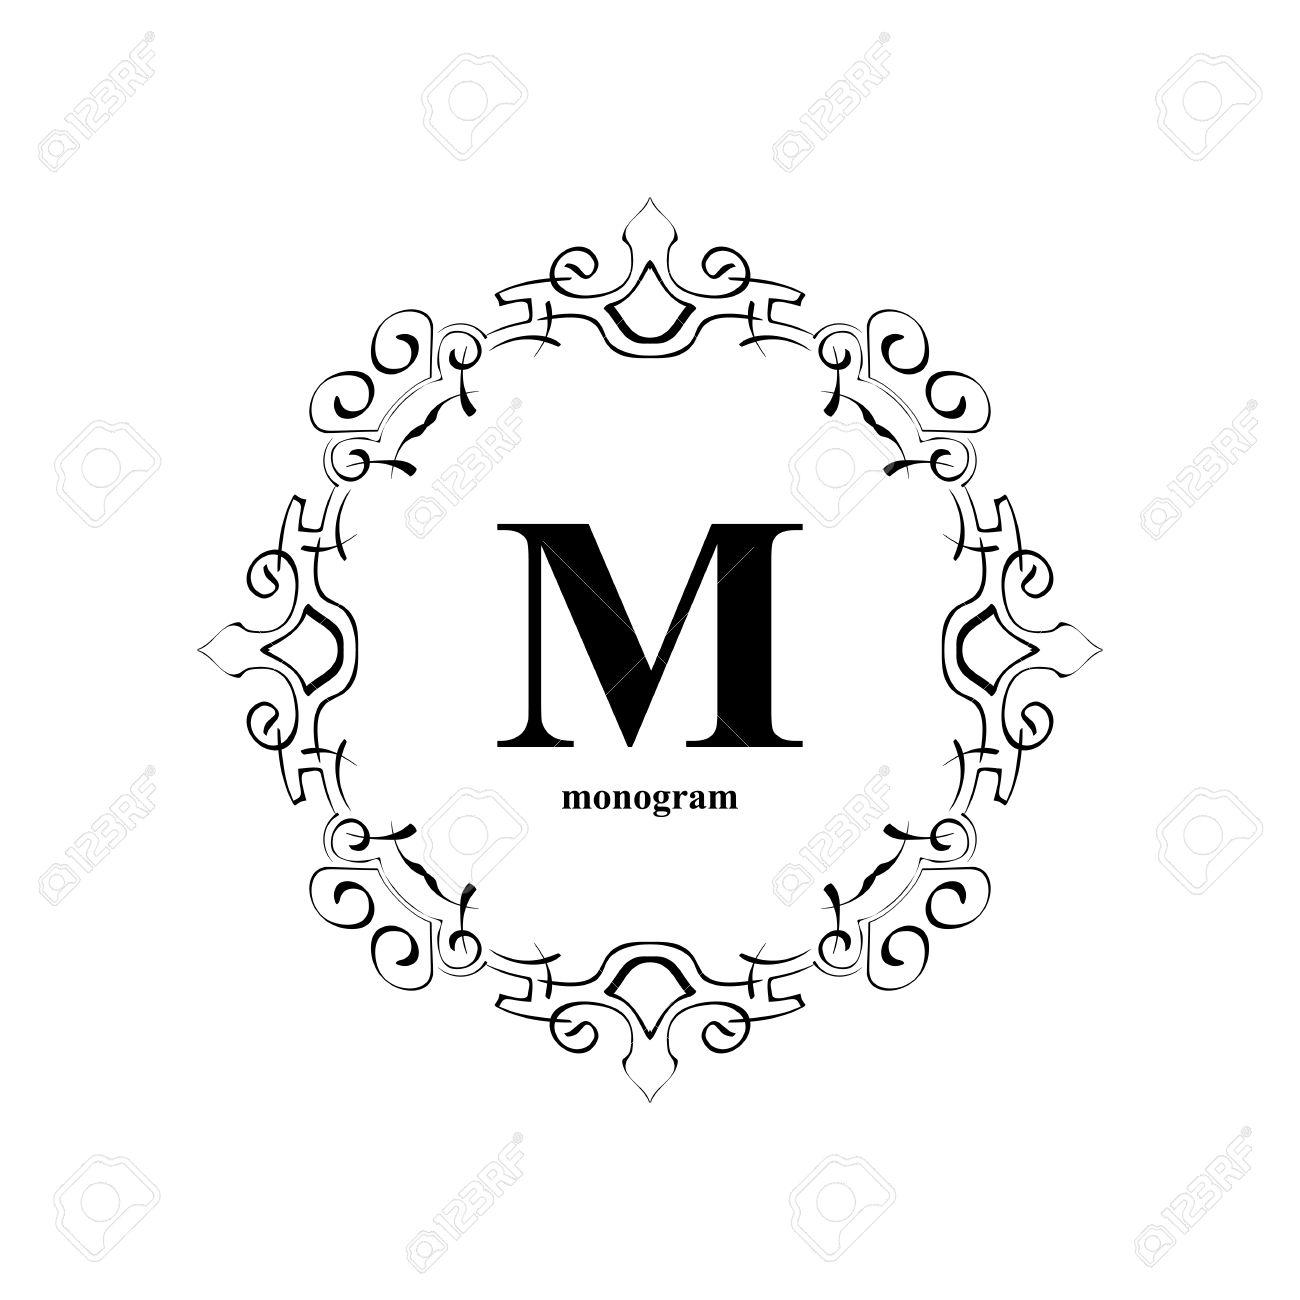 Plantilla De Diseño Del Monograma Elegante. Lujo Ornamento Del Marco ...